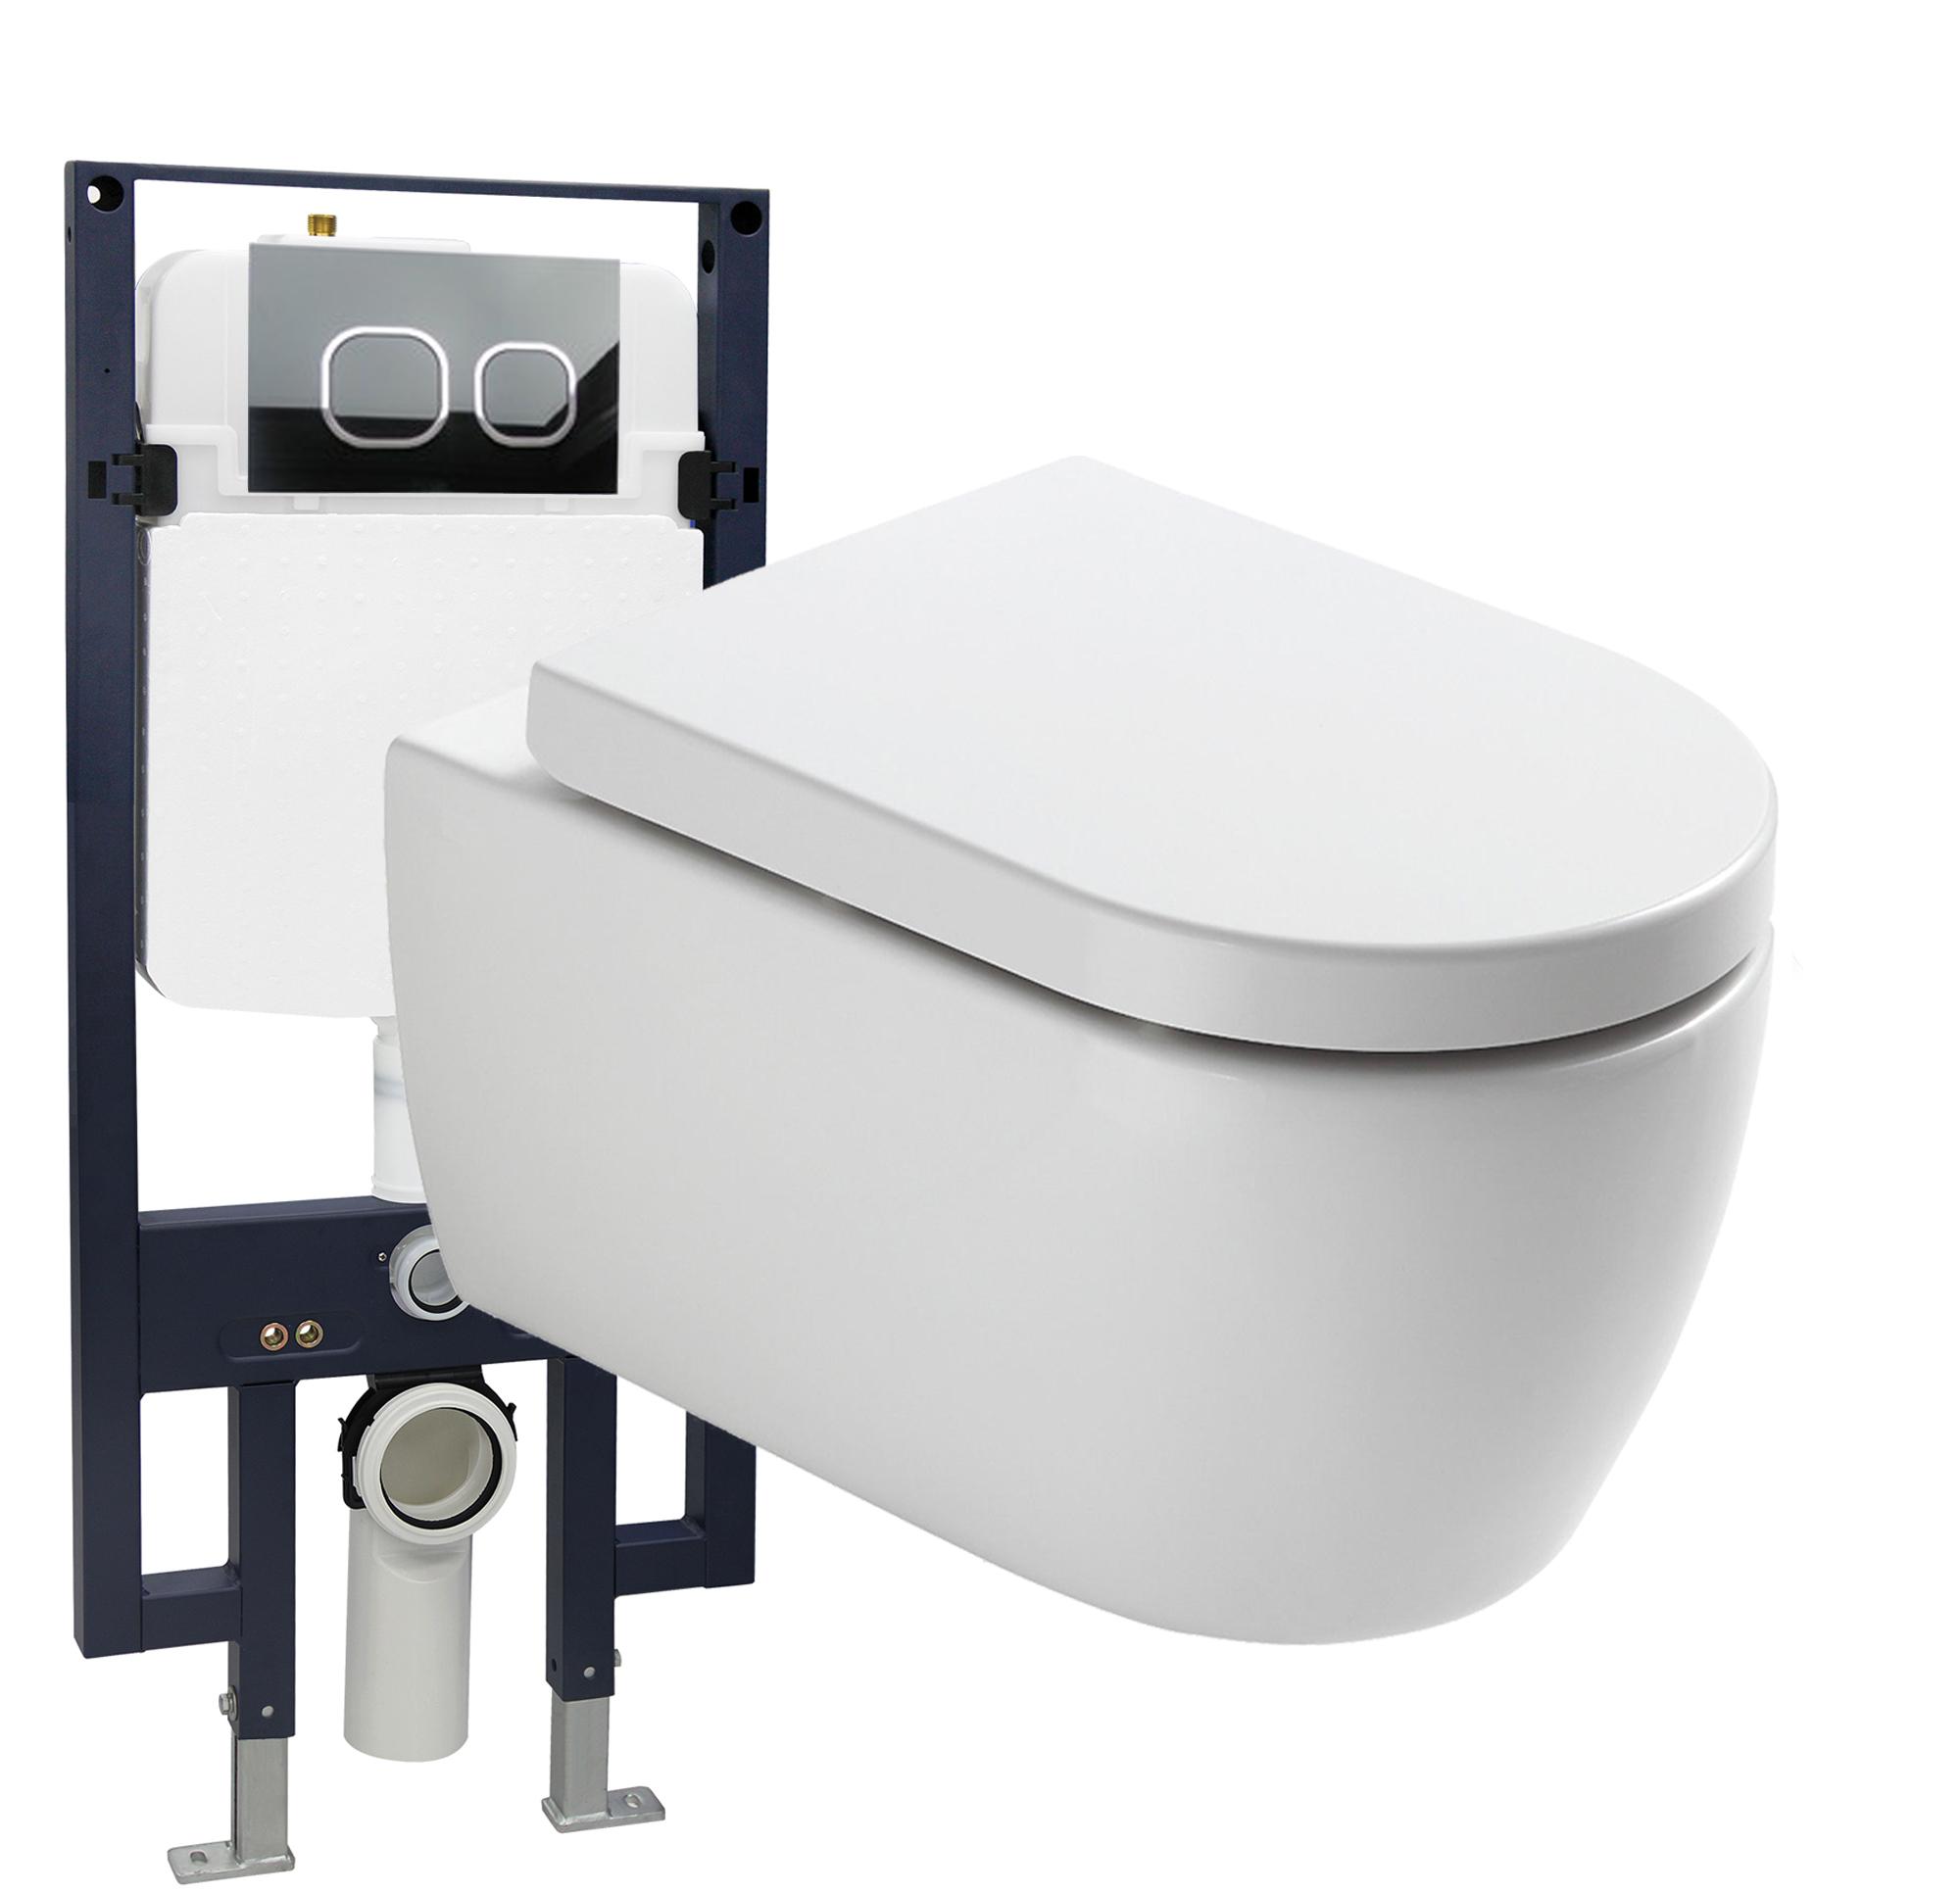 WC-Komplettpaket 22: WC NT2039 und Soft-Close Sitz mit Vorwandelement G3008 und Betätigungsplatte vorne